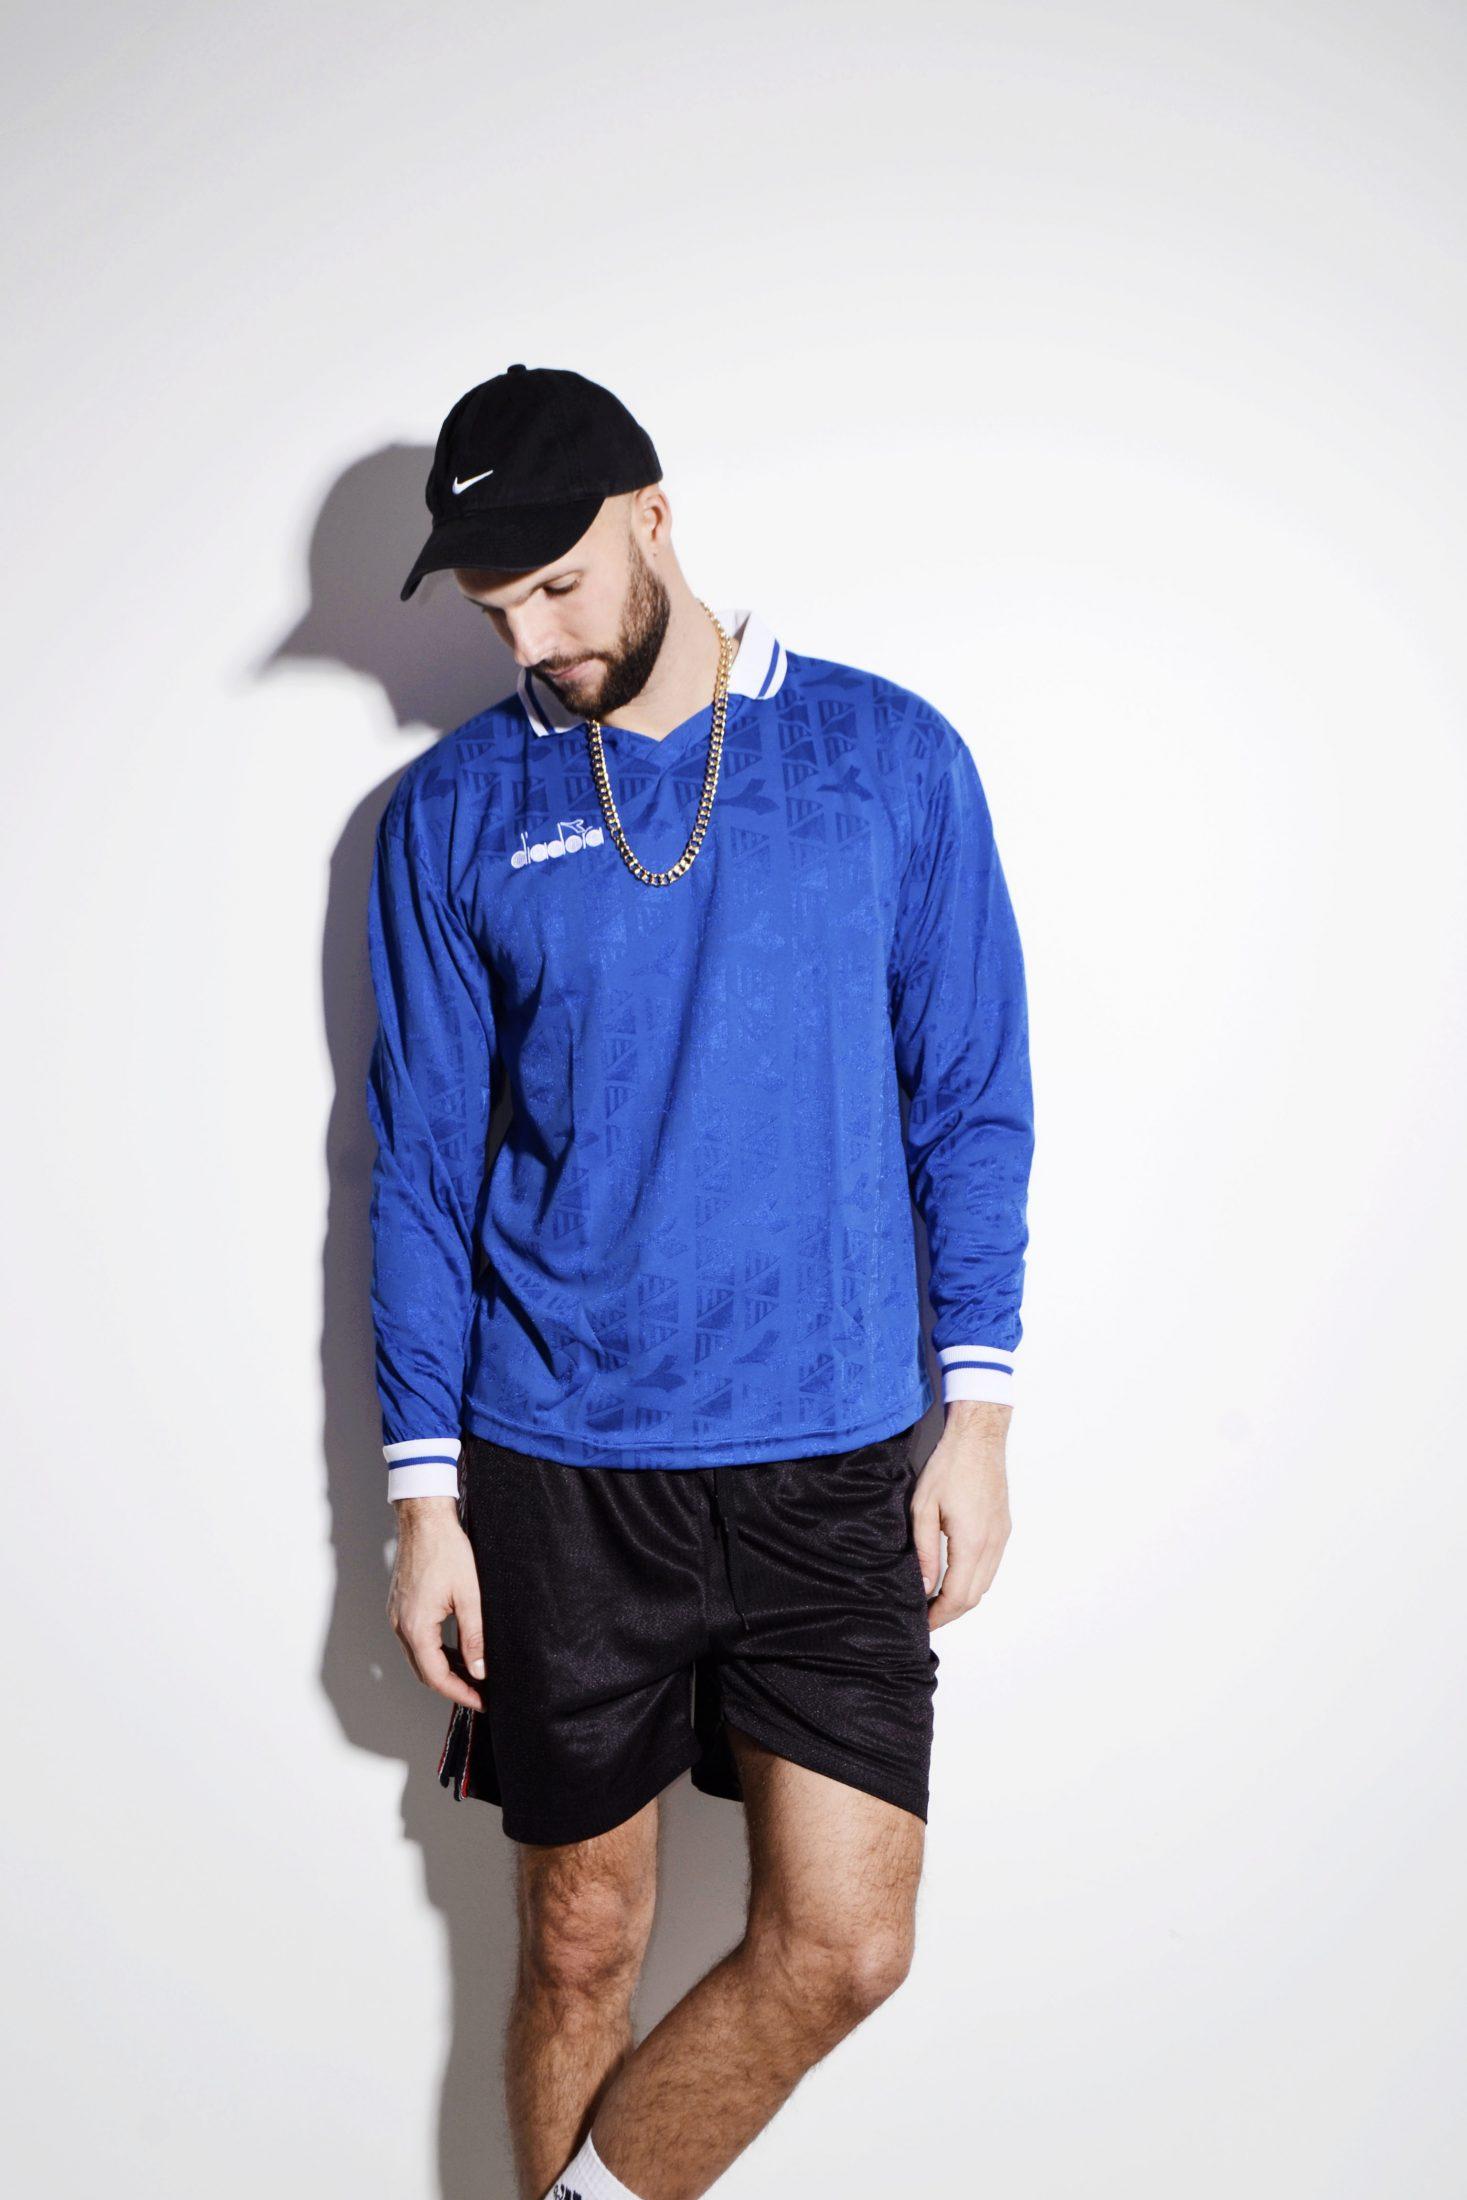 a45d1b472c DIADORA soccer blue shirt men jersey